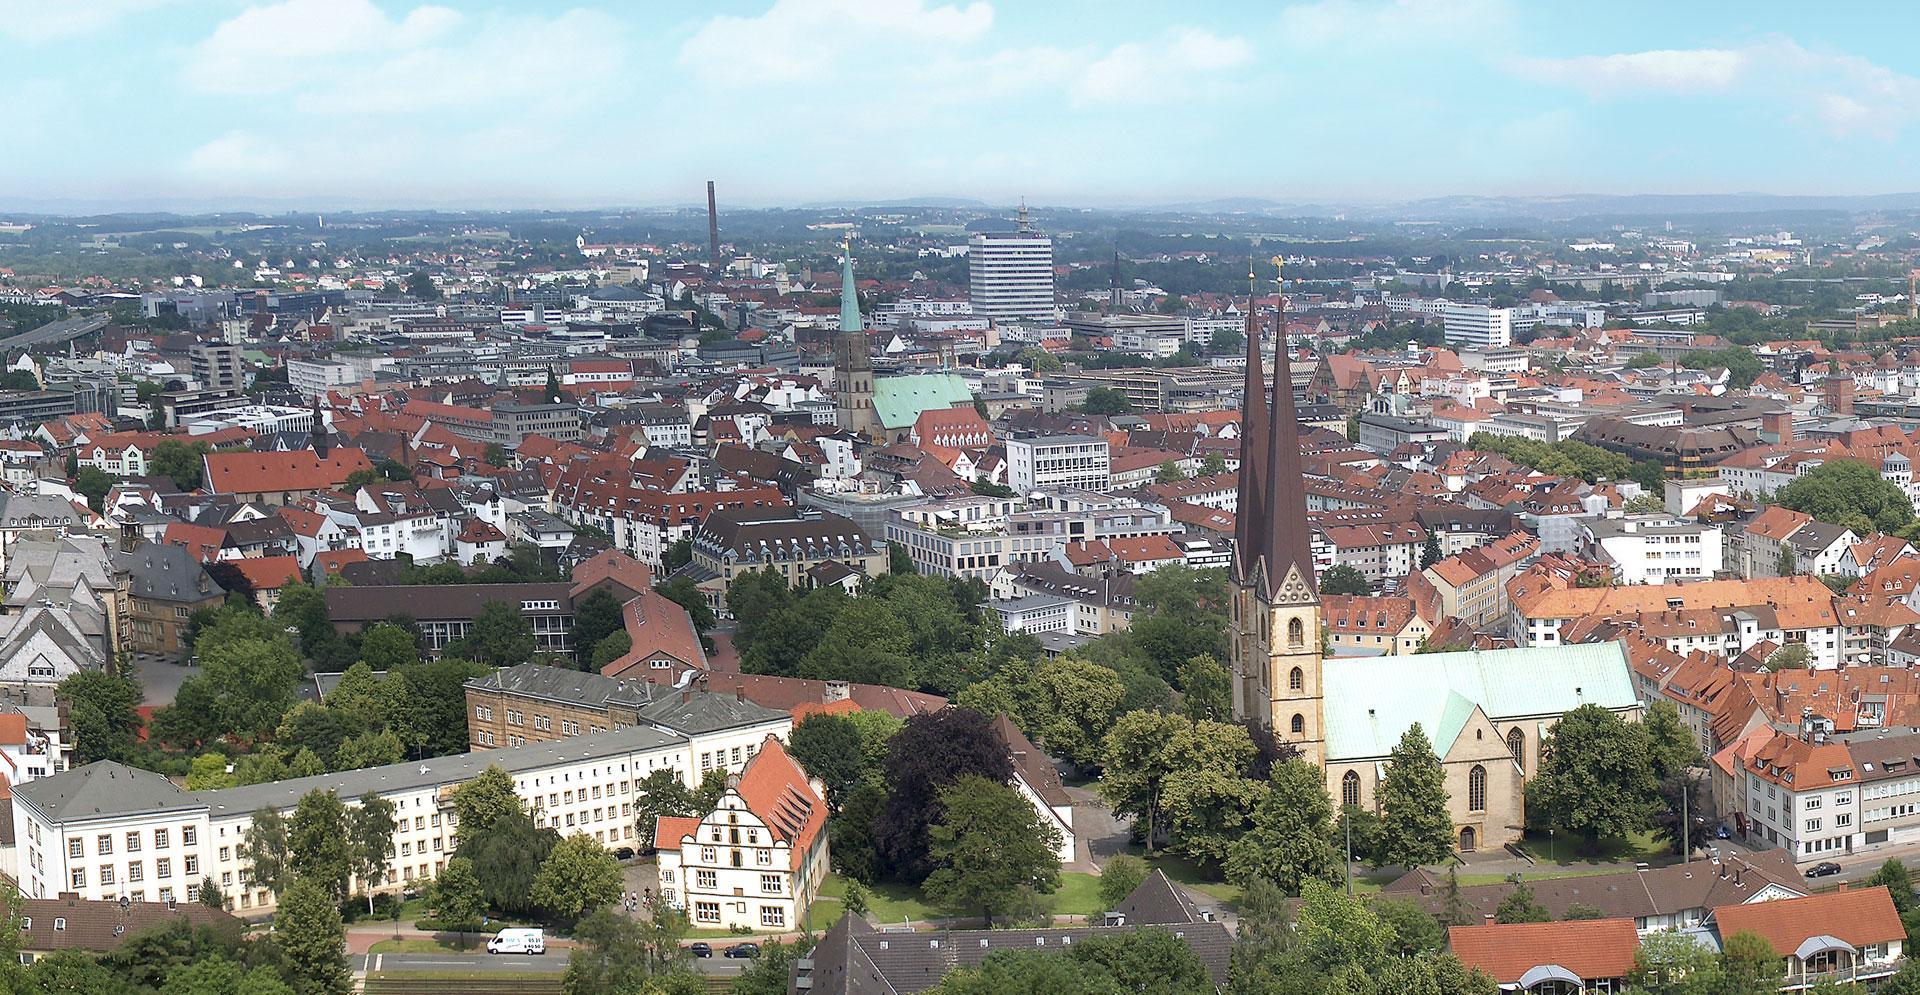 Bielefeld Panoramafotografie von 2006